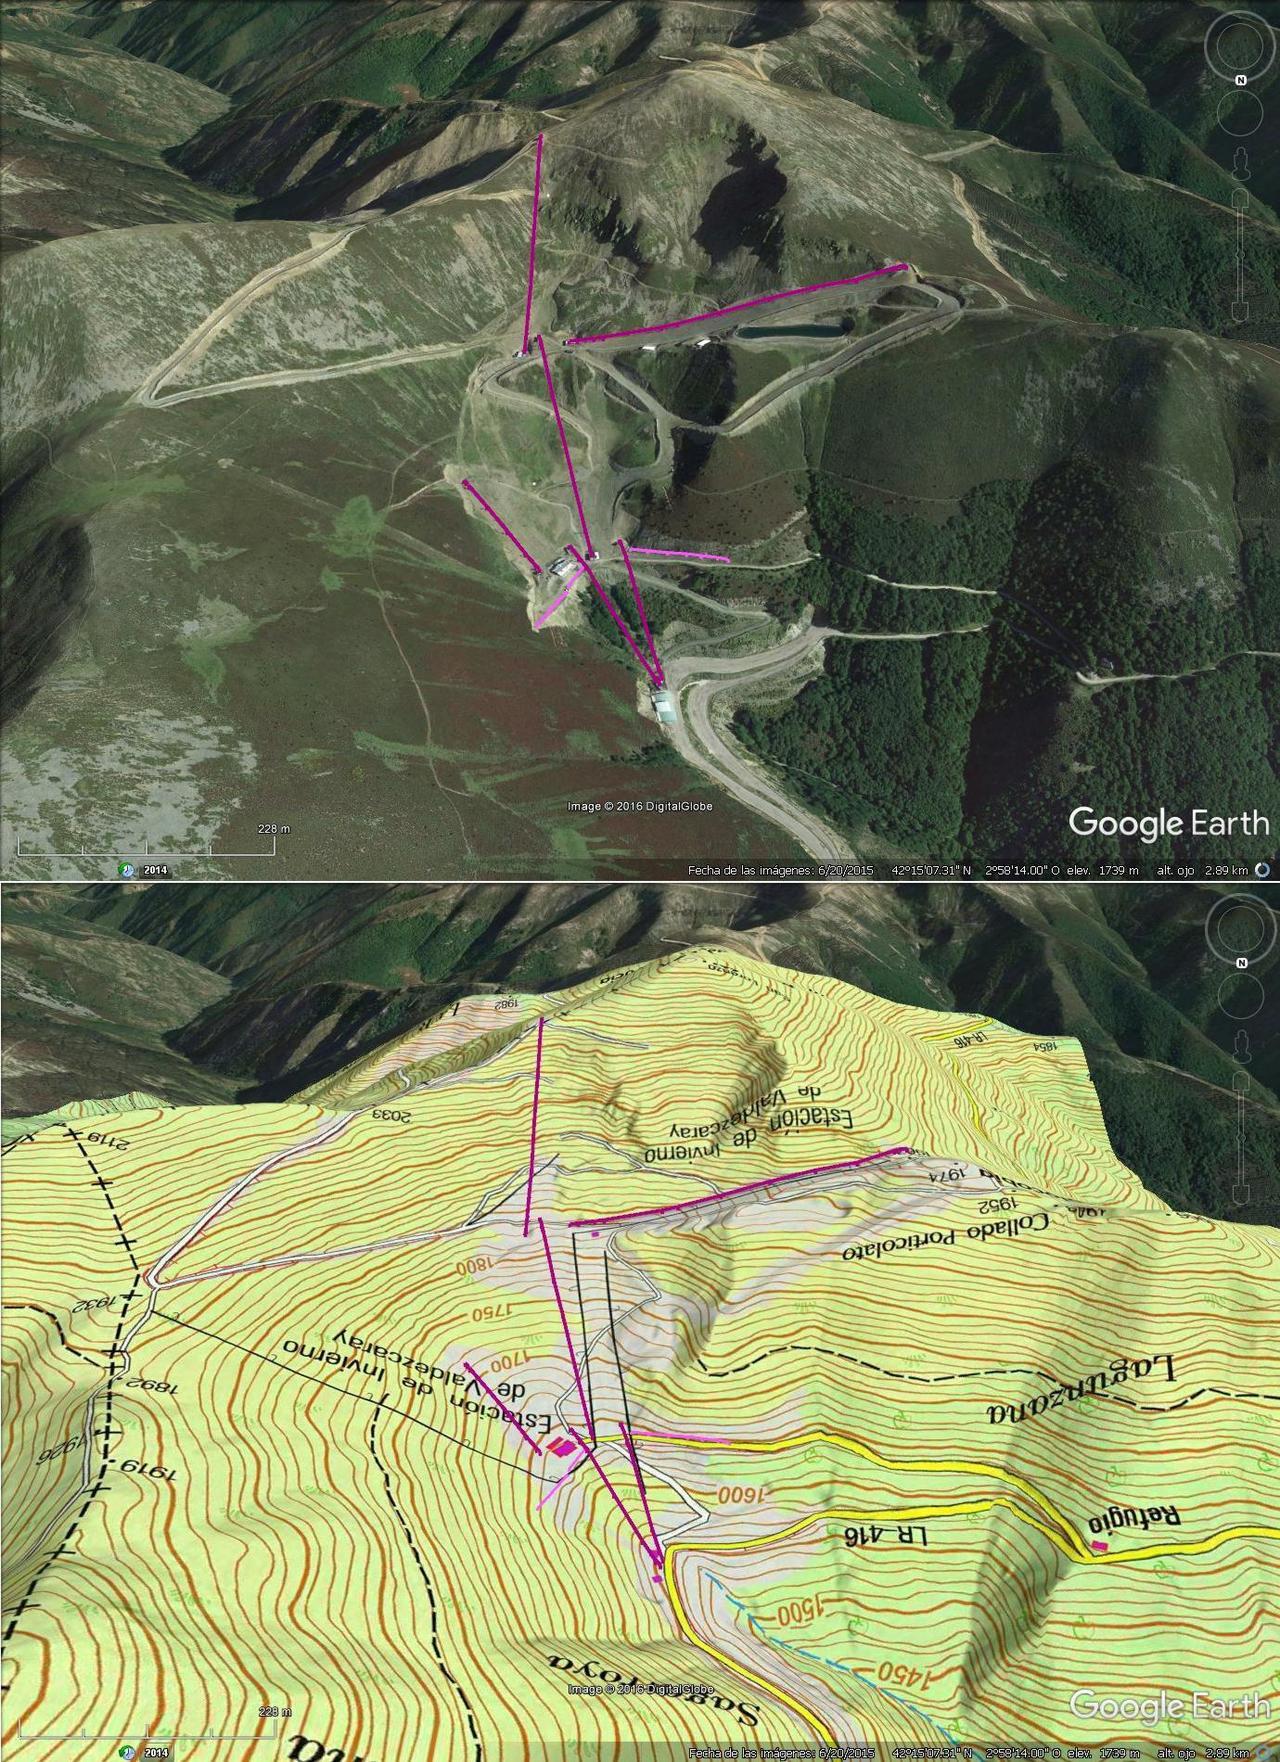 Vistas Google Earth Valdezcaray 2016-17